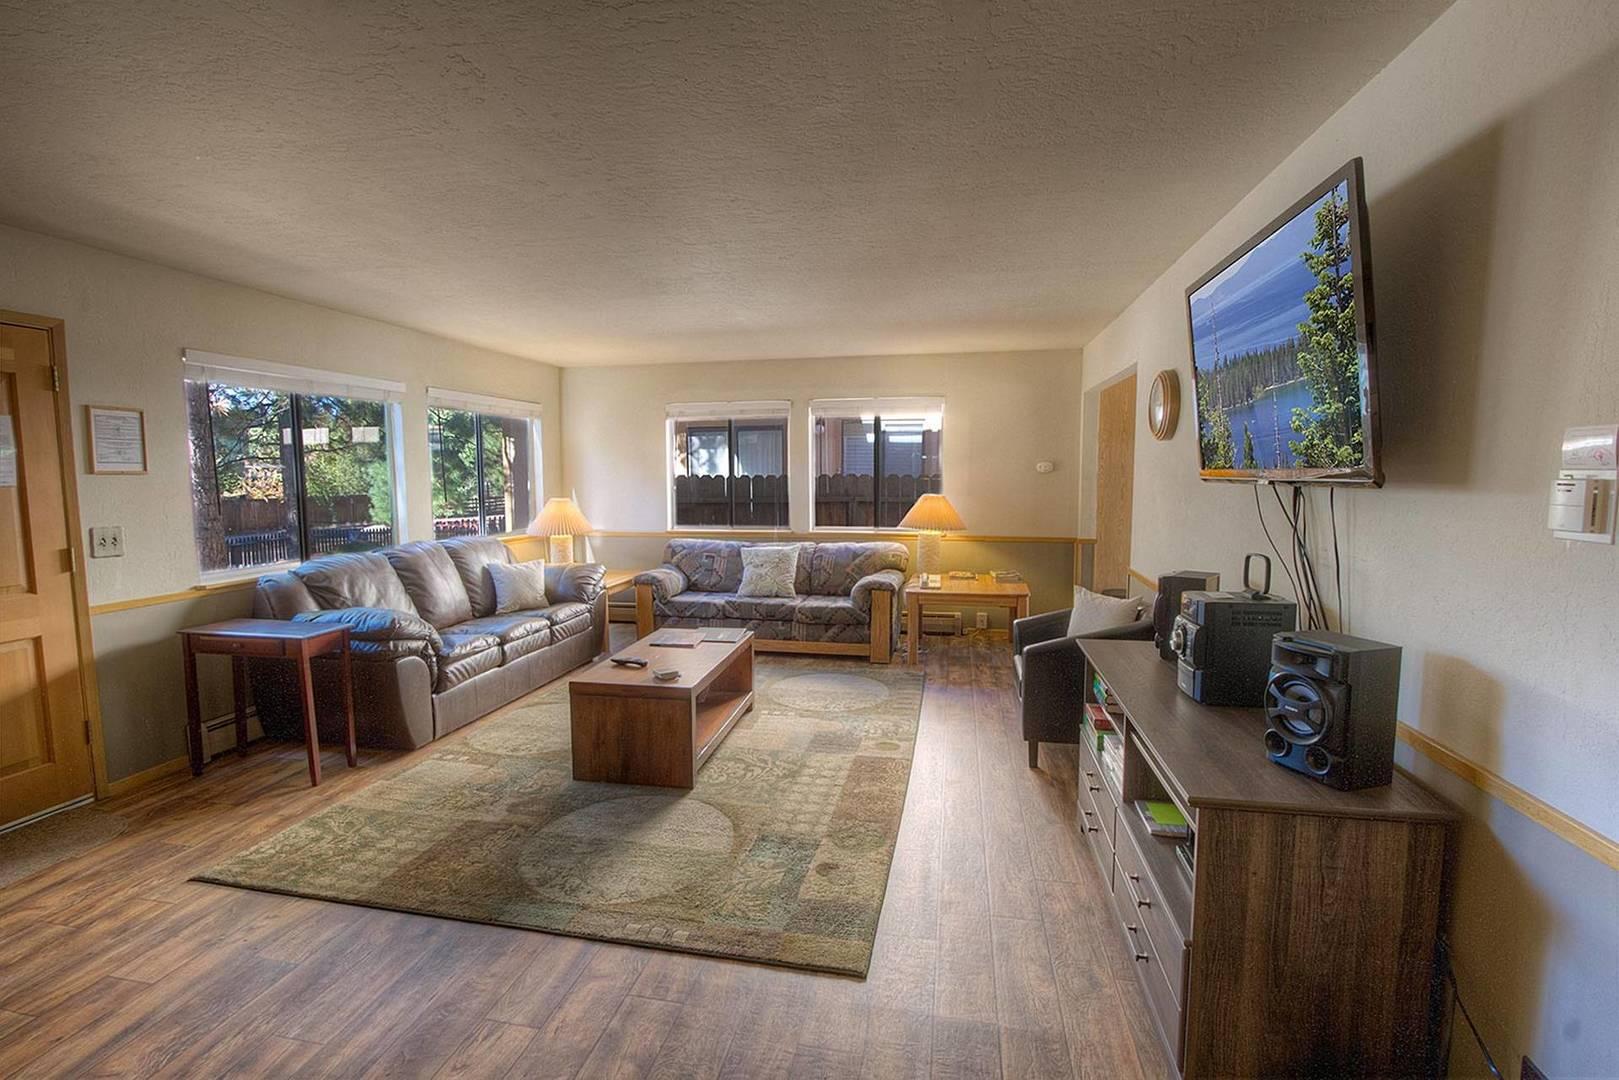 cyh1252 living room